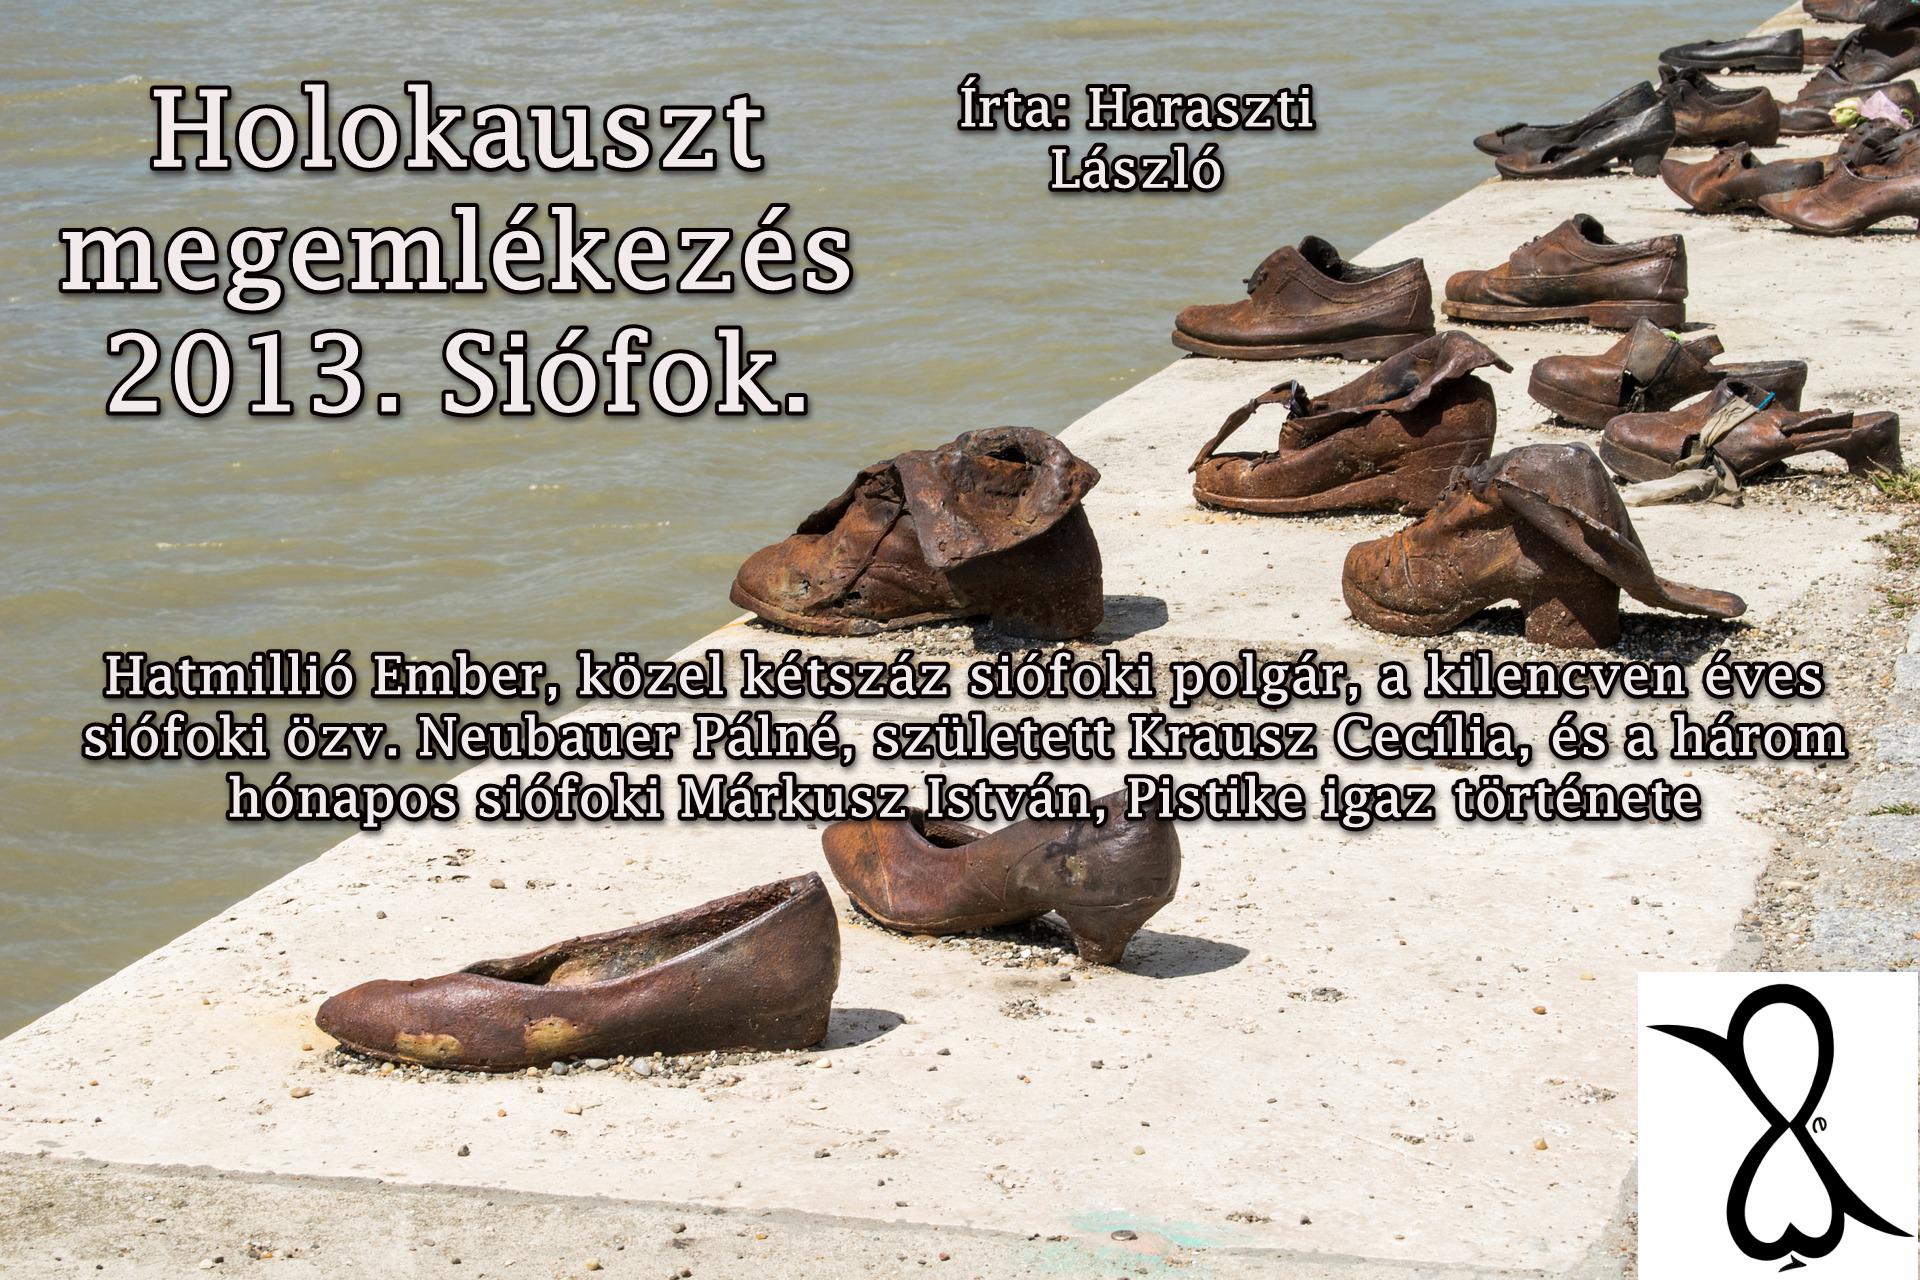 Holokauszt megemlékezés 2013. Siófok. (Írta: Haraszti László)